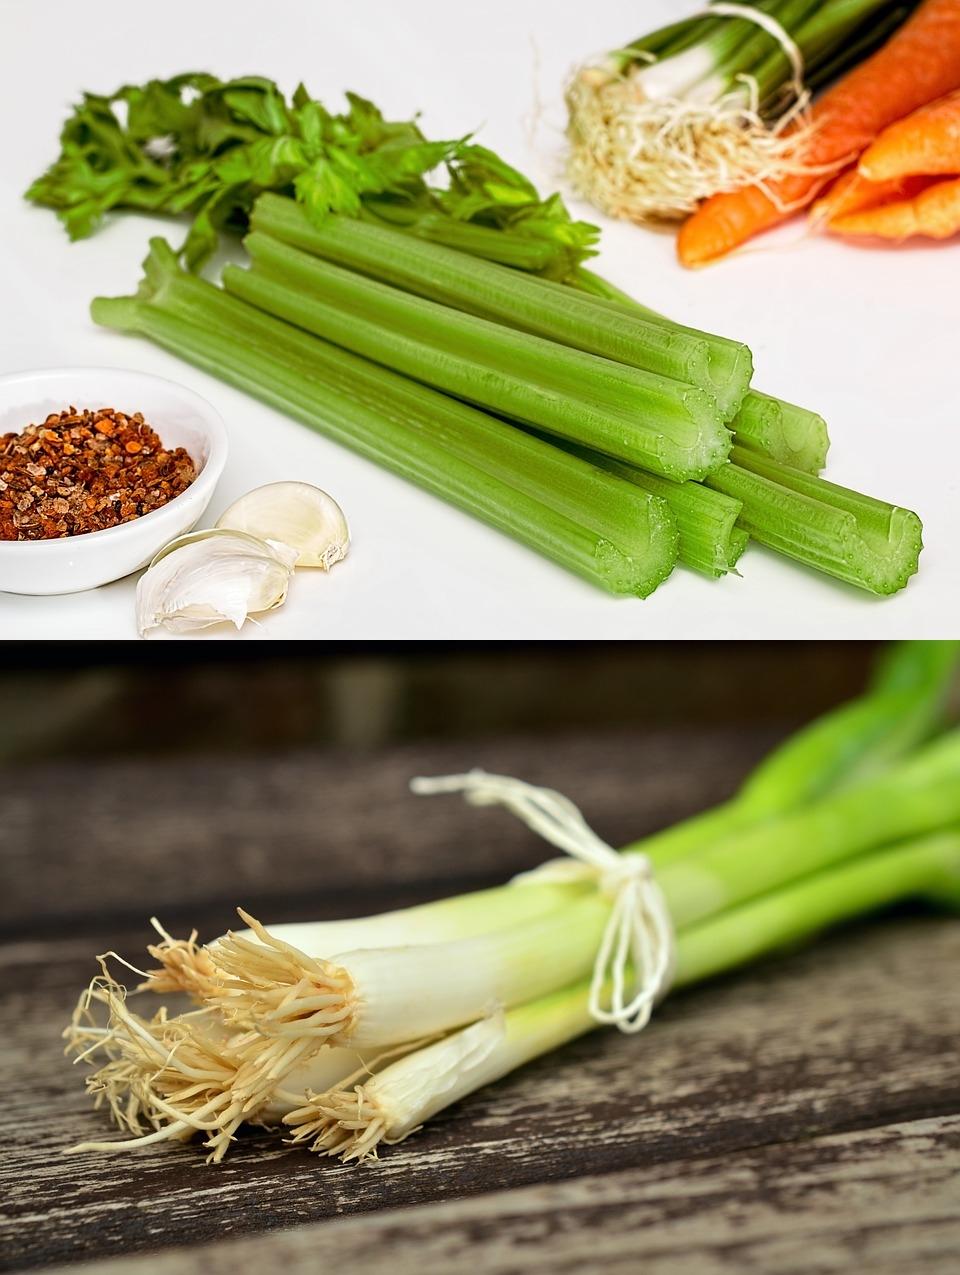 芹菜與蔥,這兩樣東西雖然不是人人喜愛,但的確有助眠的功能喔!